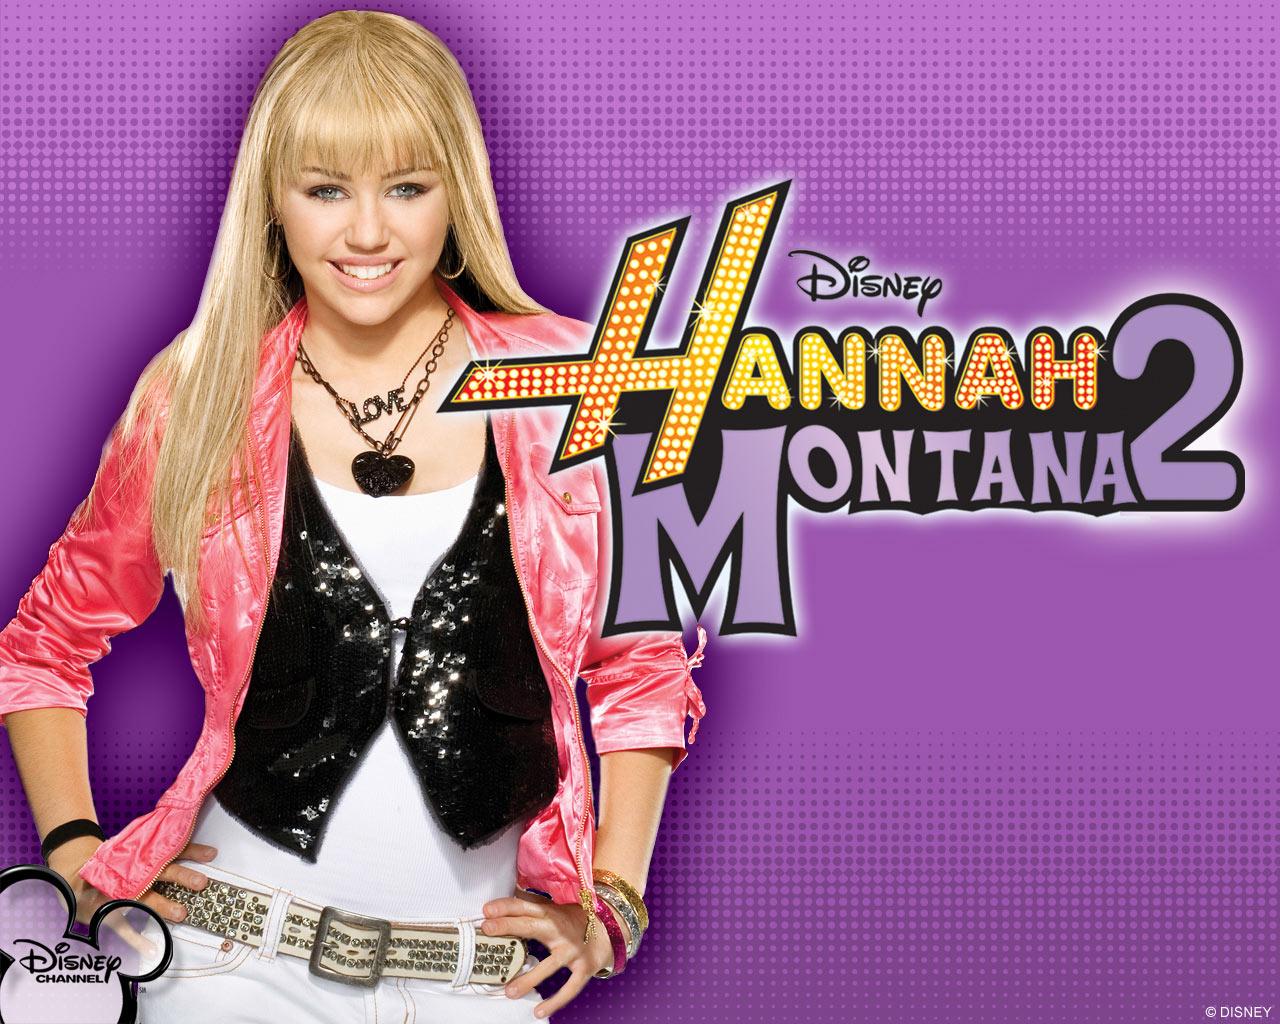 http://1.bp.blogspot.com/_LJAV4on4rws/TAI57IUkwwI/AAAAAAAAAB0/U5Fav3-AY-U/s1600/Hannah-Montana.jpg